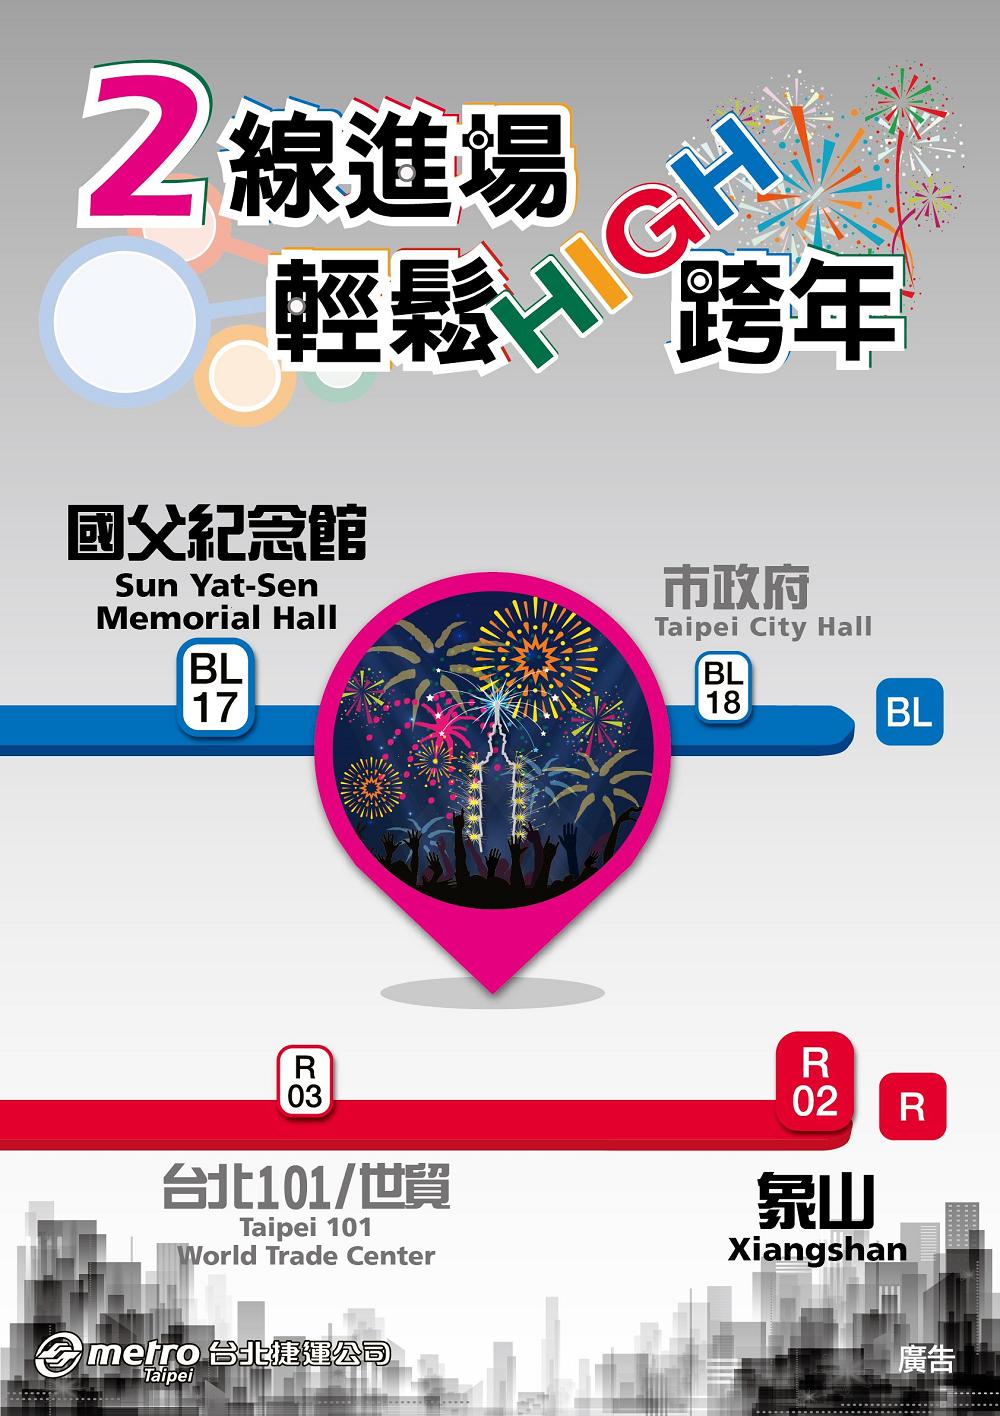 捷運跨年_2線進場(圖片來源:台北捷運公司)